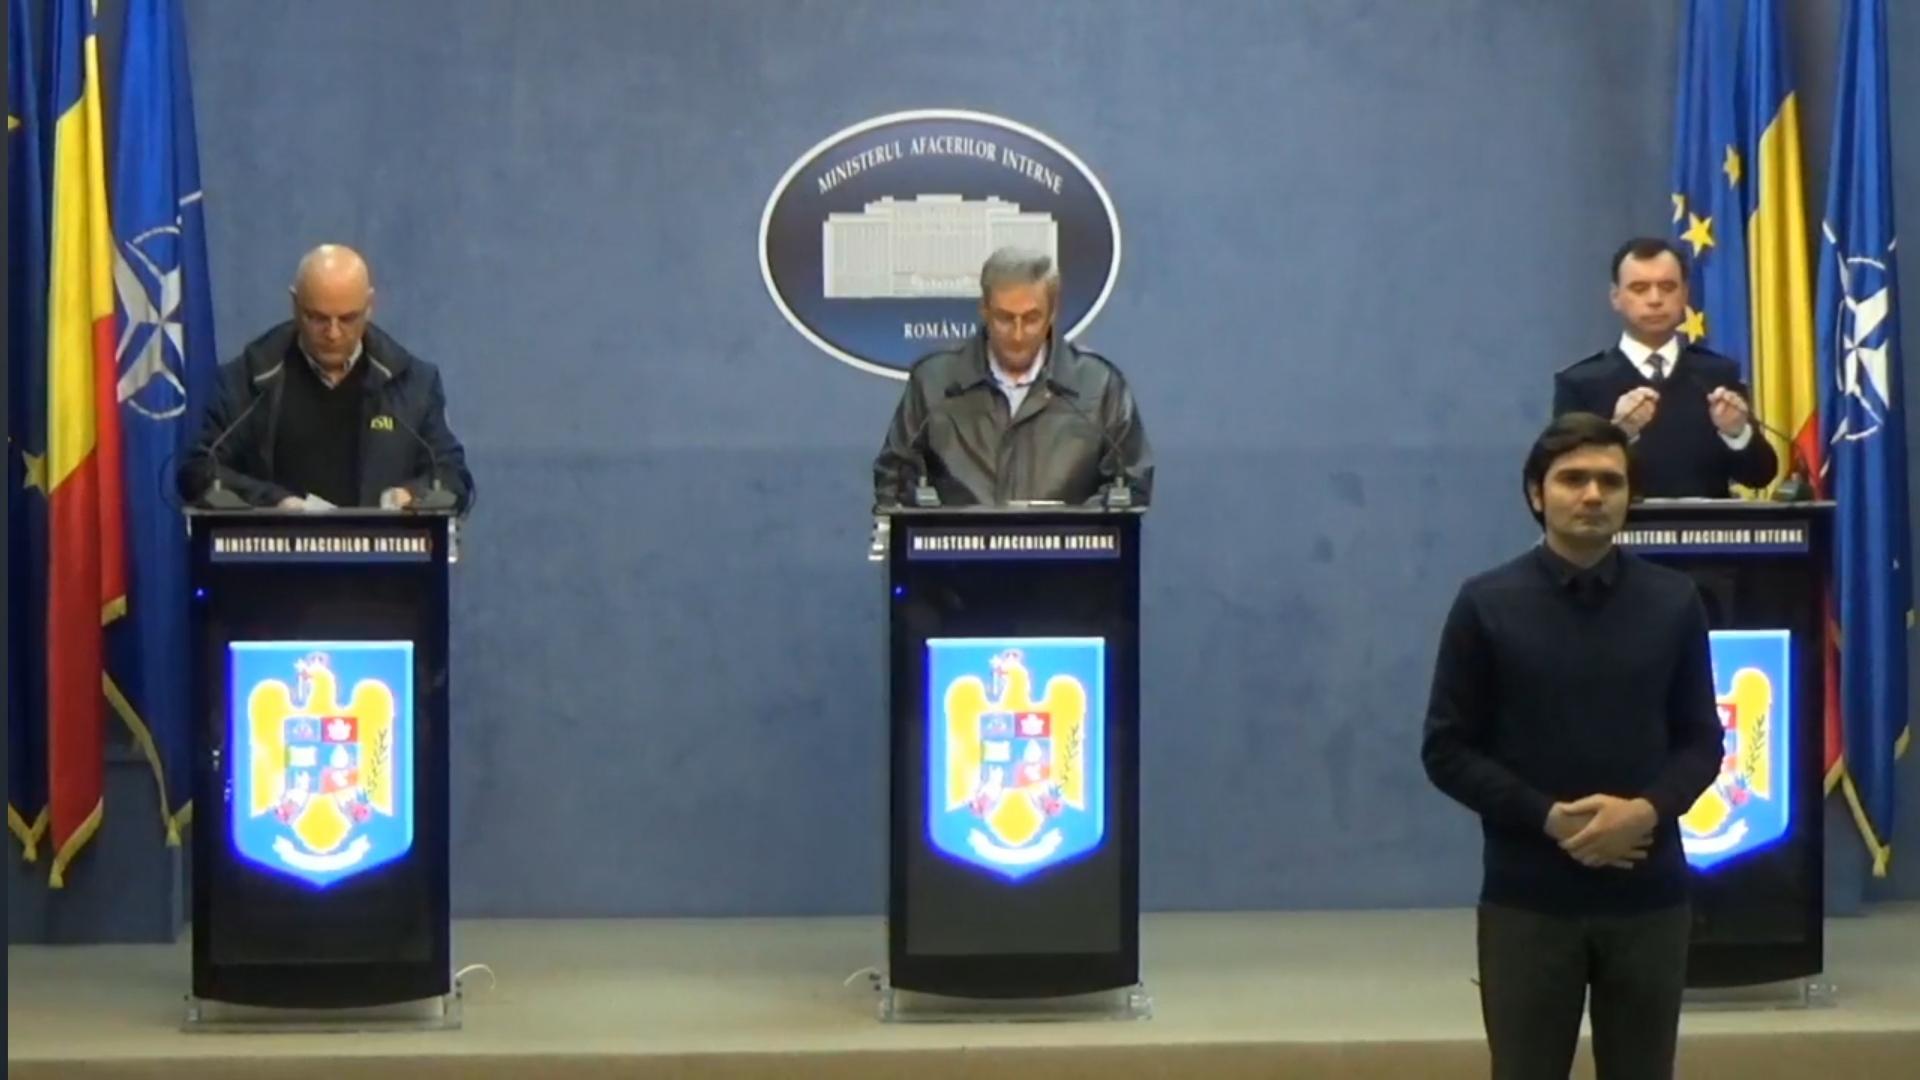 Ordonanța militară nr 4! Sunt măsuri dure, poate cele mai dure care s-au luat în România în ultimiii 30 de ani